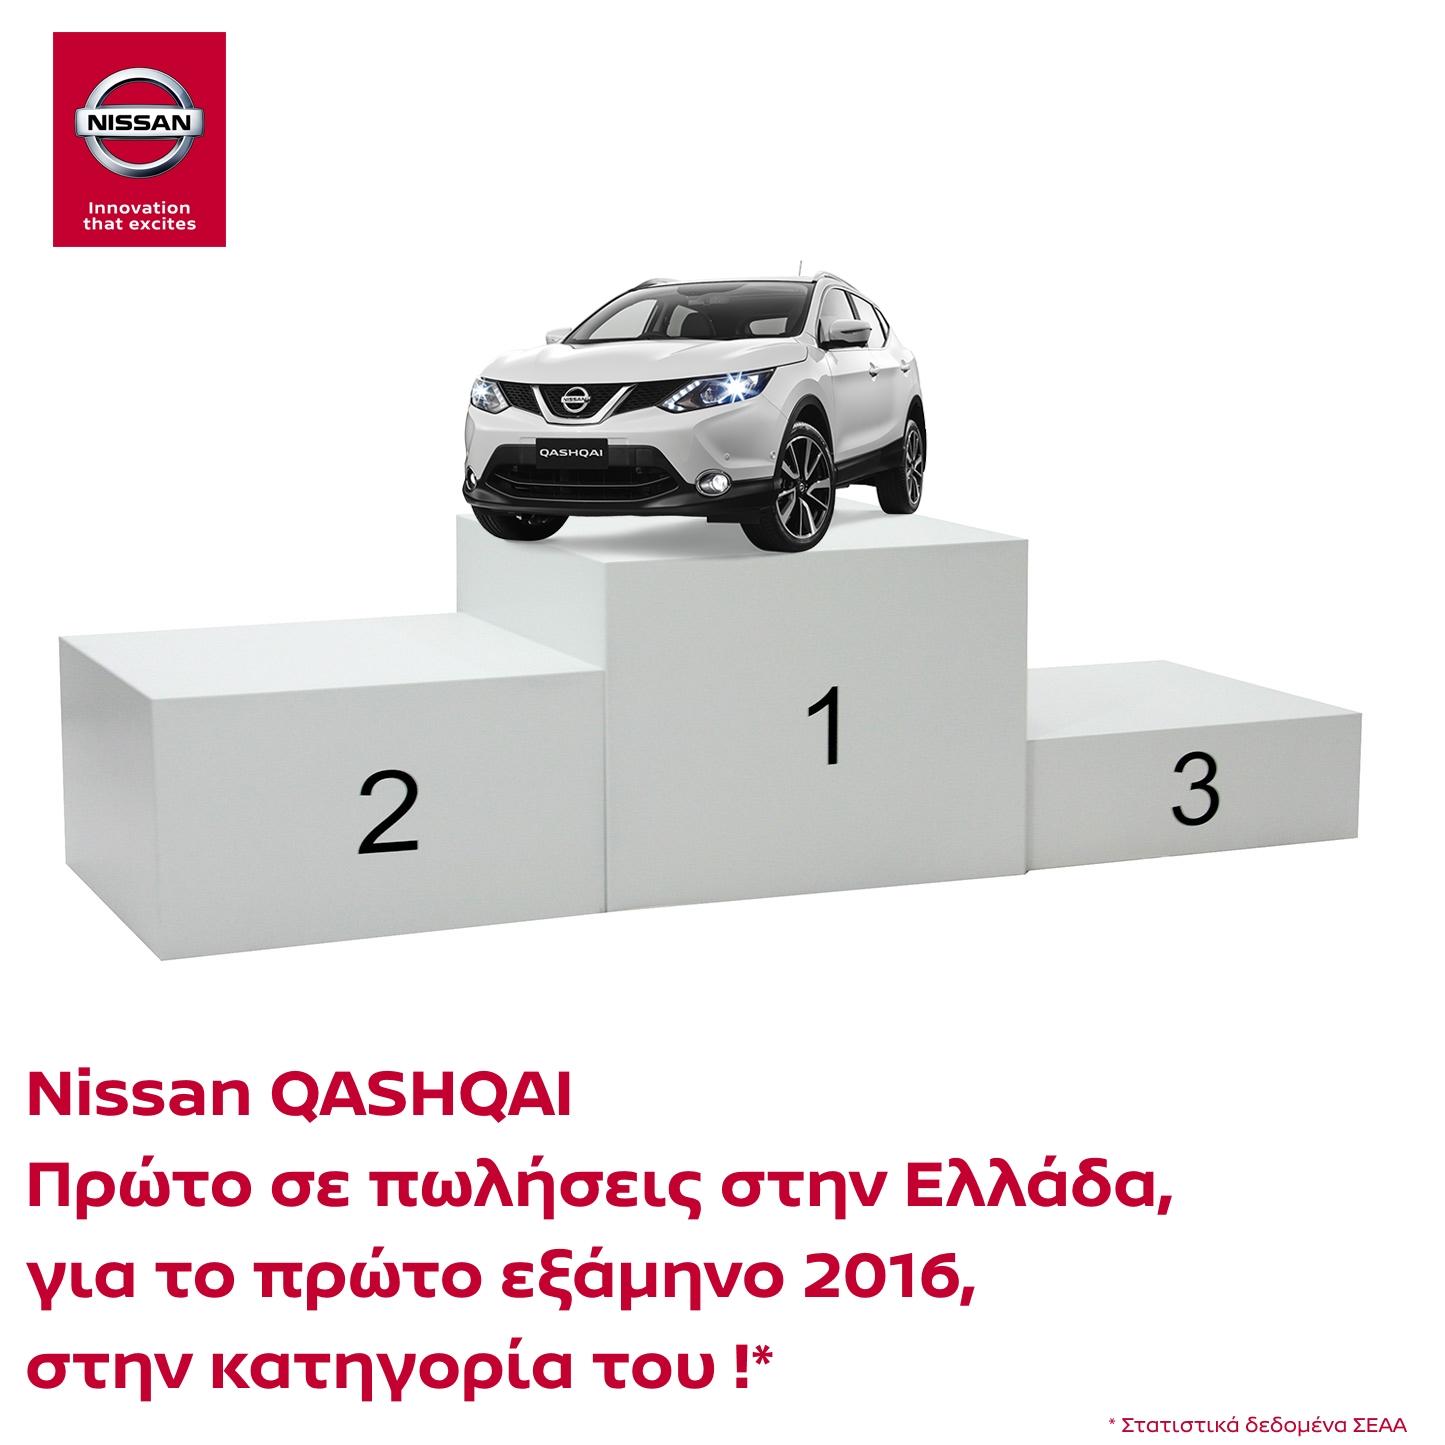 Qashqai2Bchamp